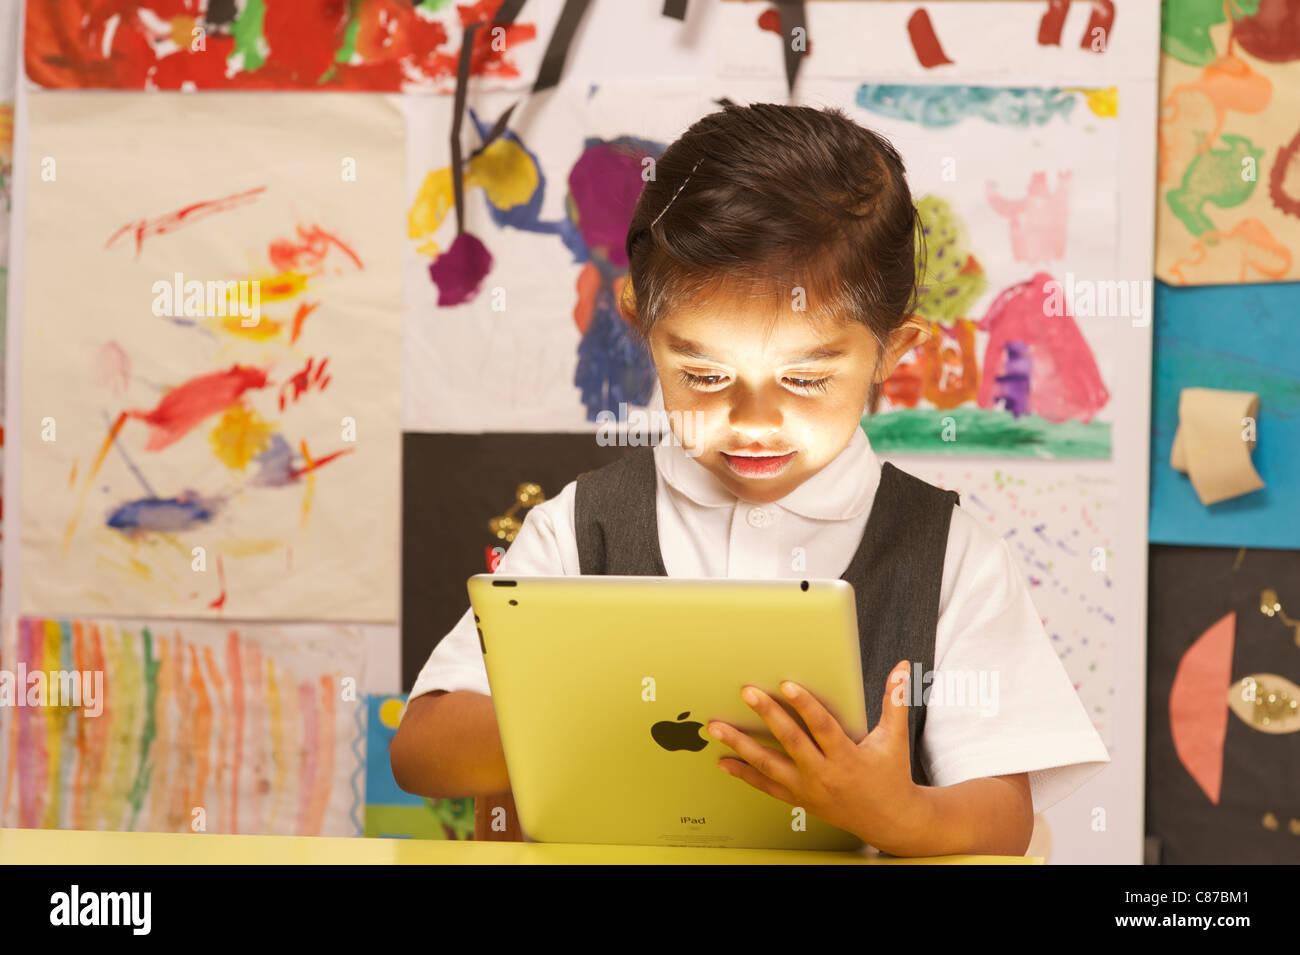 Ein junges Mädchen mit Ipad 2 Stockbild